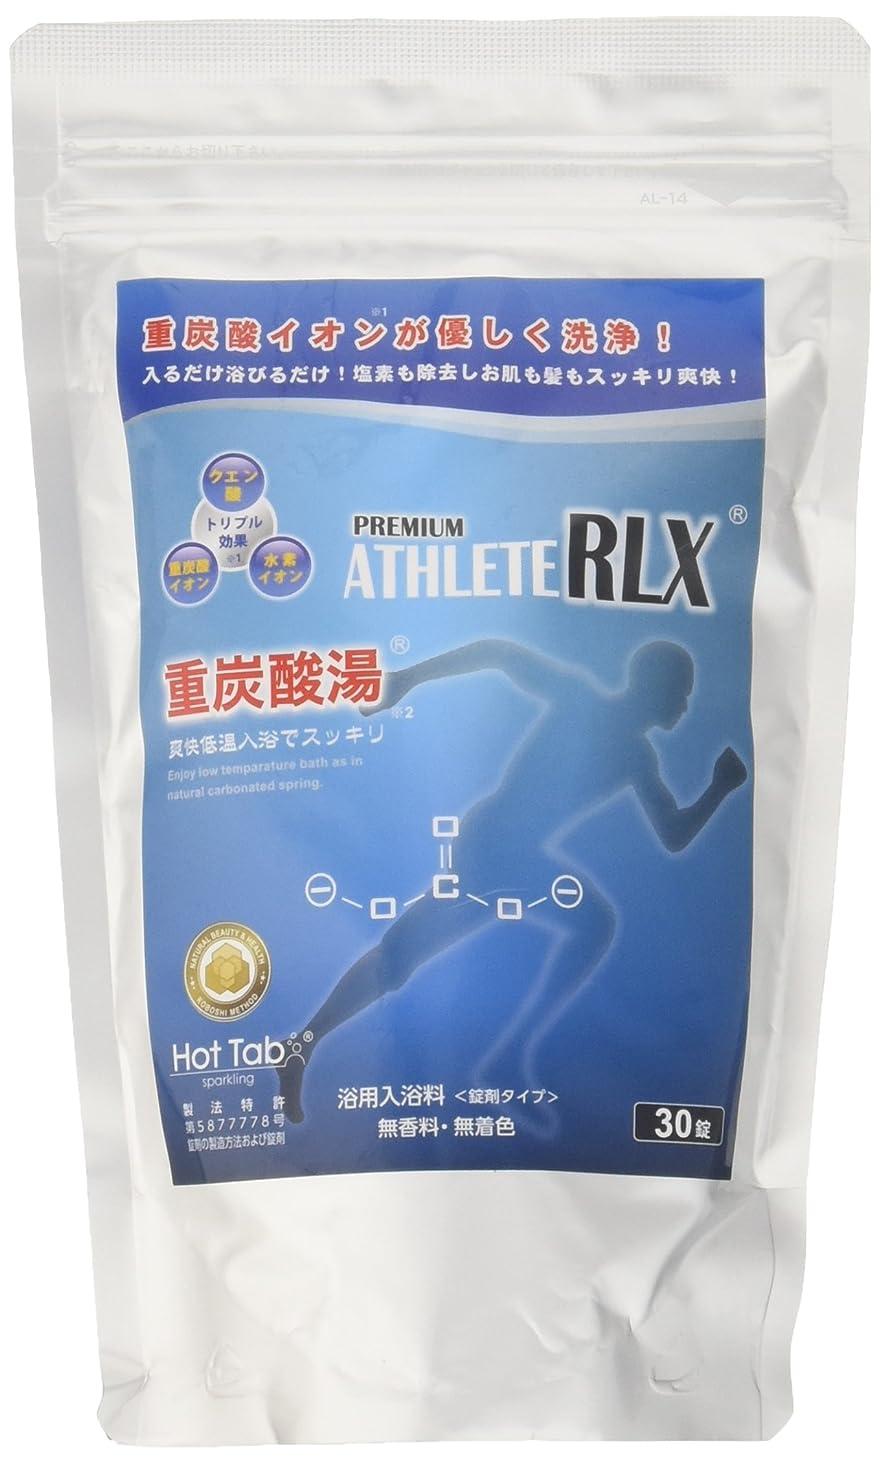 義務くぼみ抜粋ホットアルバムコム 新PREMIUM ATHLETE RLX重炭酸湯(プレミアムアスリートRLX) 30錠入り